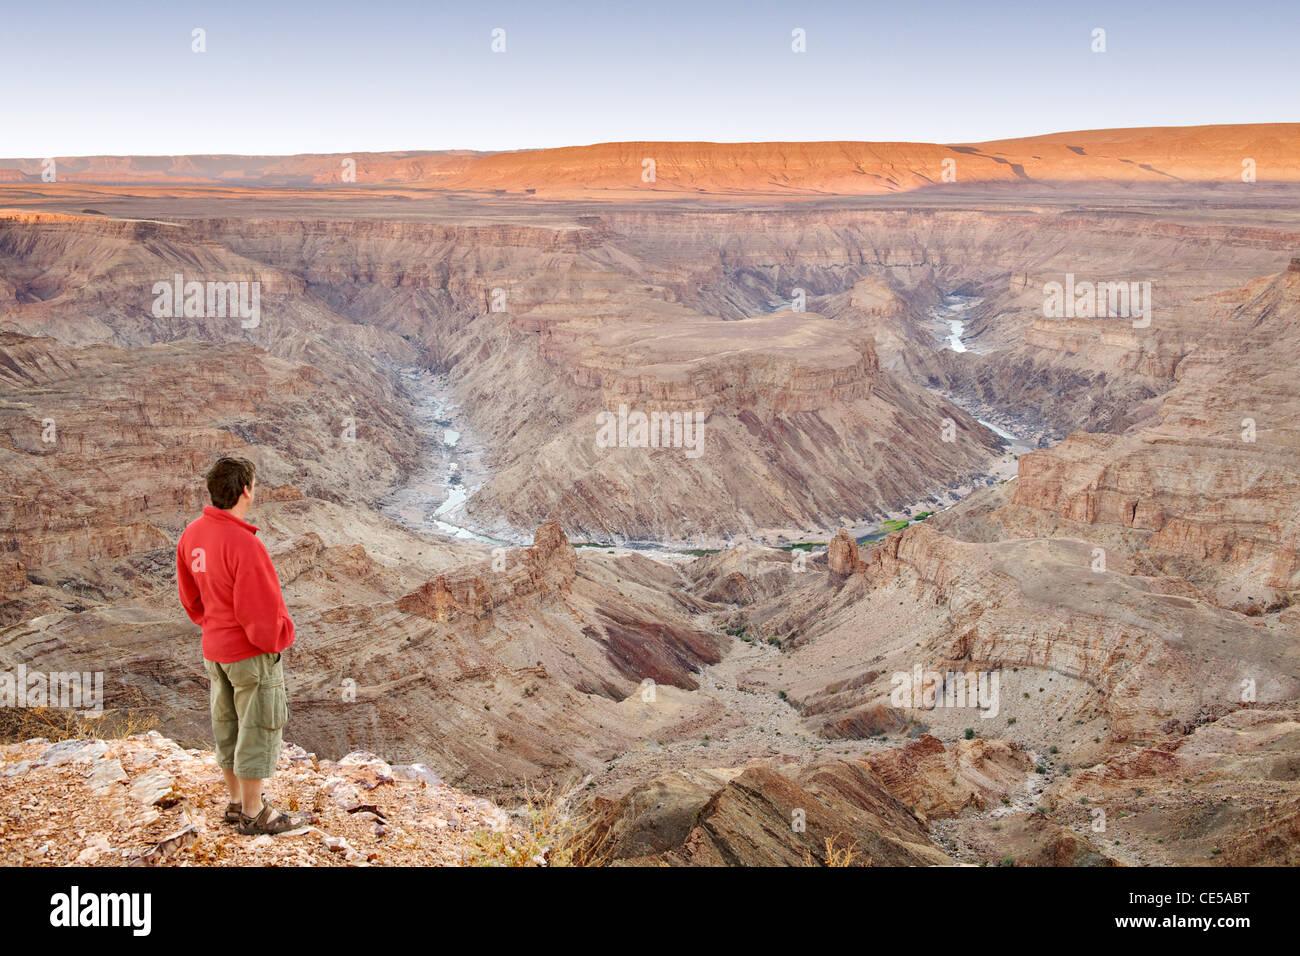 Un hombre está mirando a través del cañón del río Fish en el sur de Namibia al amanecer. Imagen De Stock